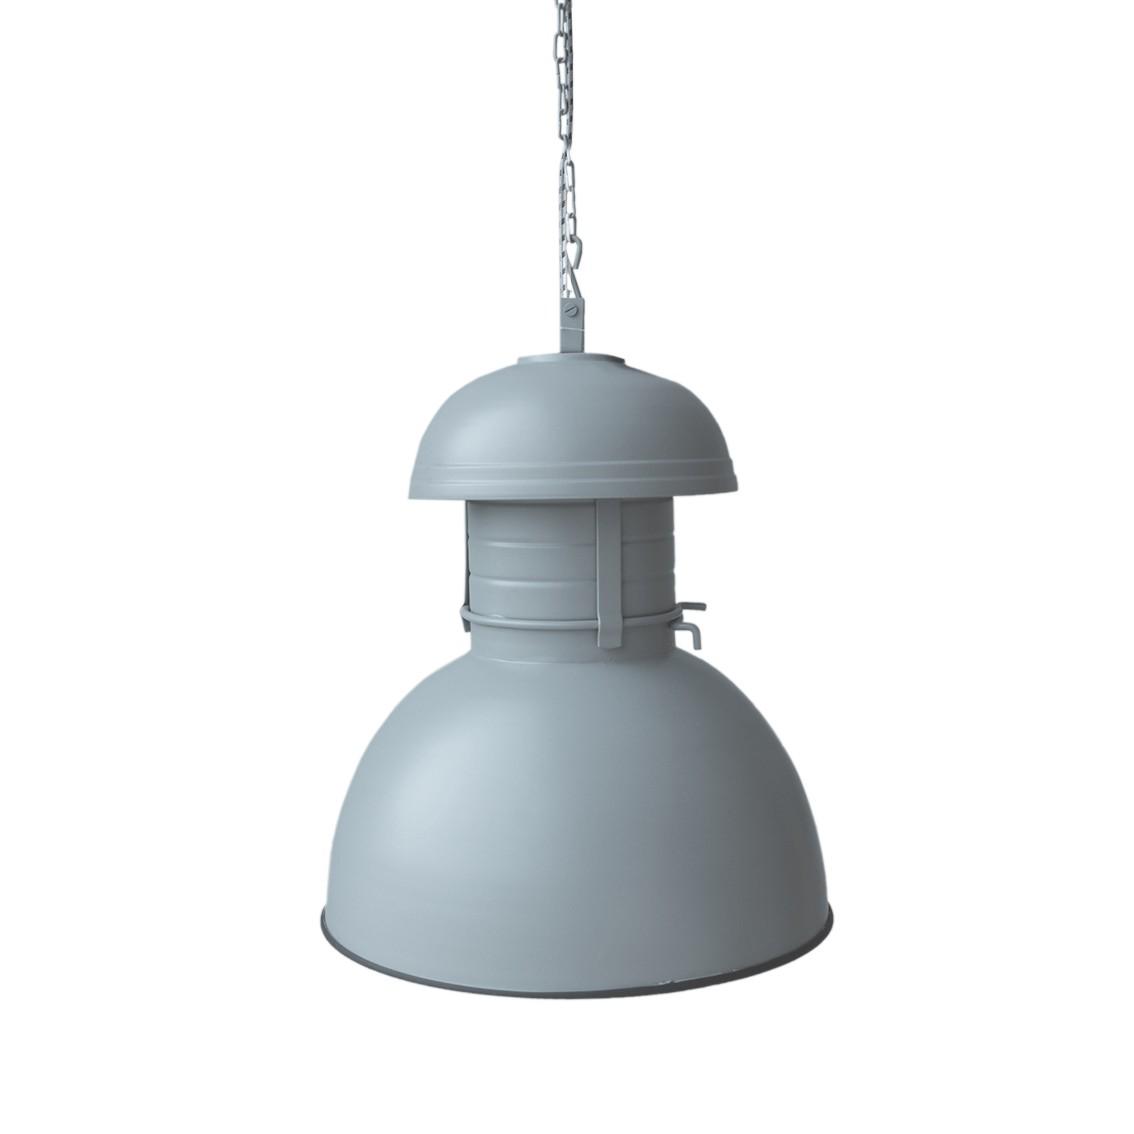 Ribbelglas hanglamp staal en glas